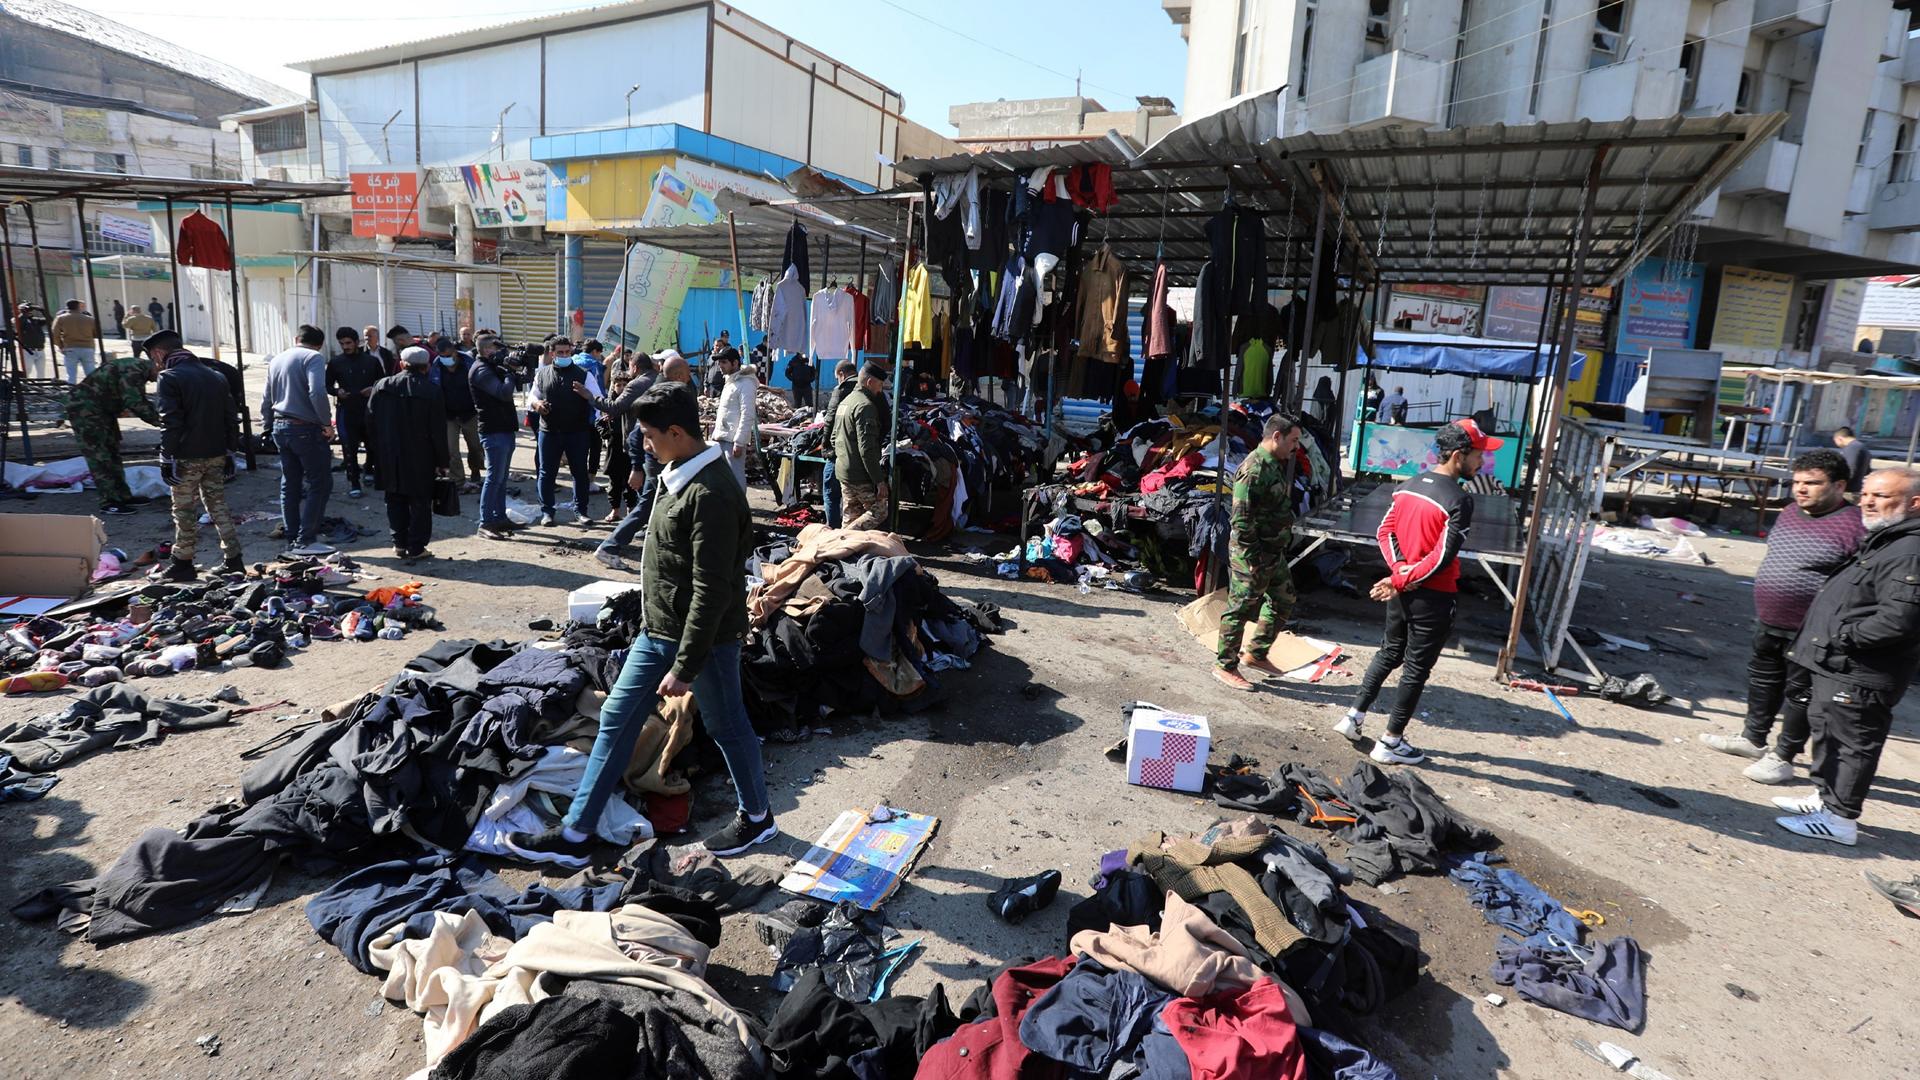 Un doble atentado suicida deja decenas de muertos en Bagdad